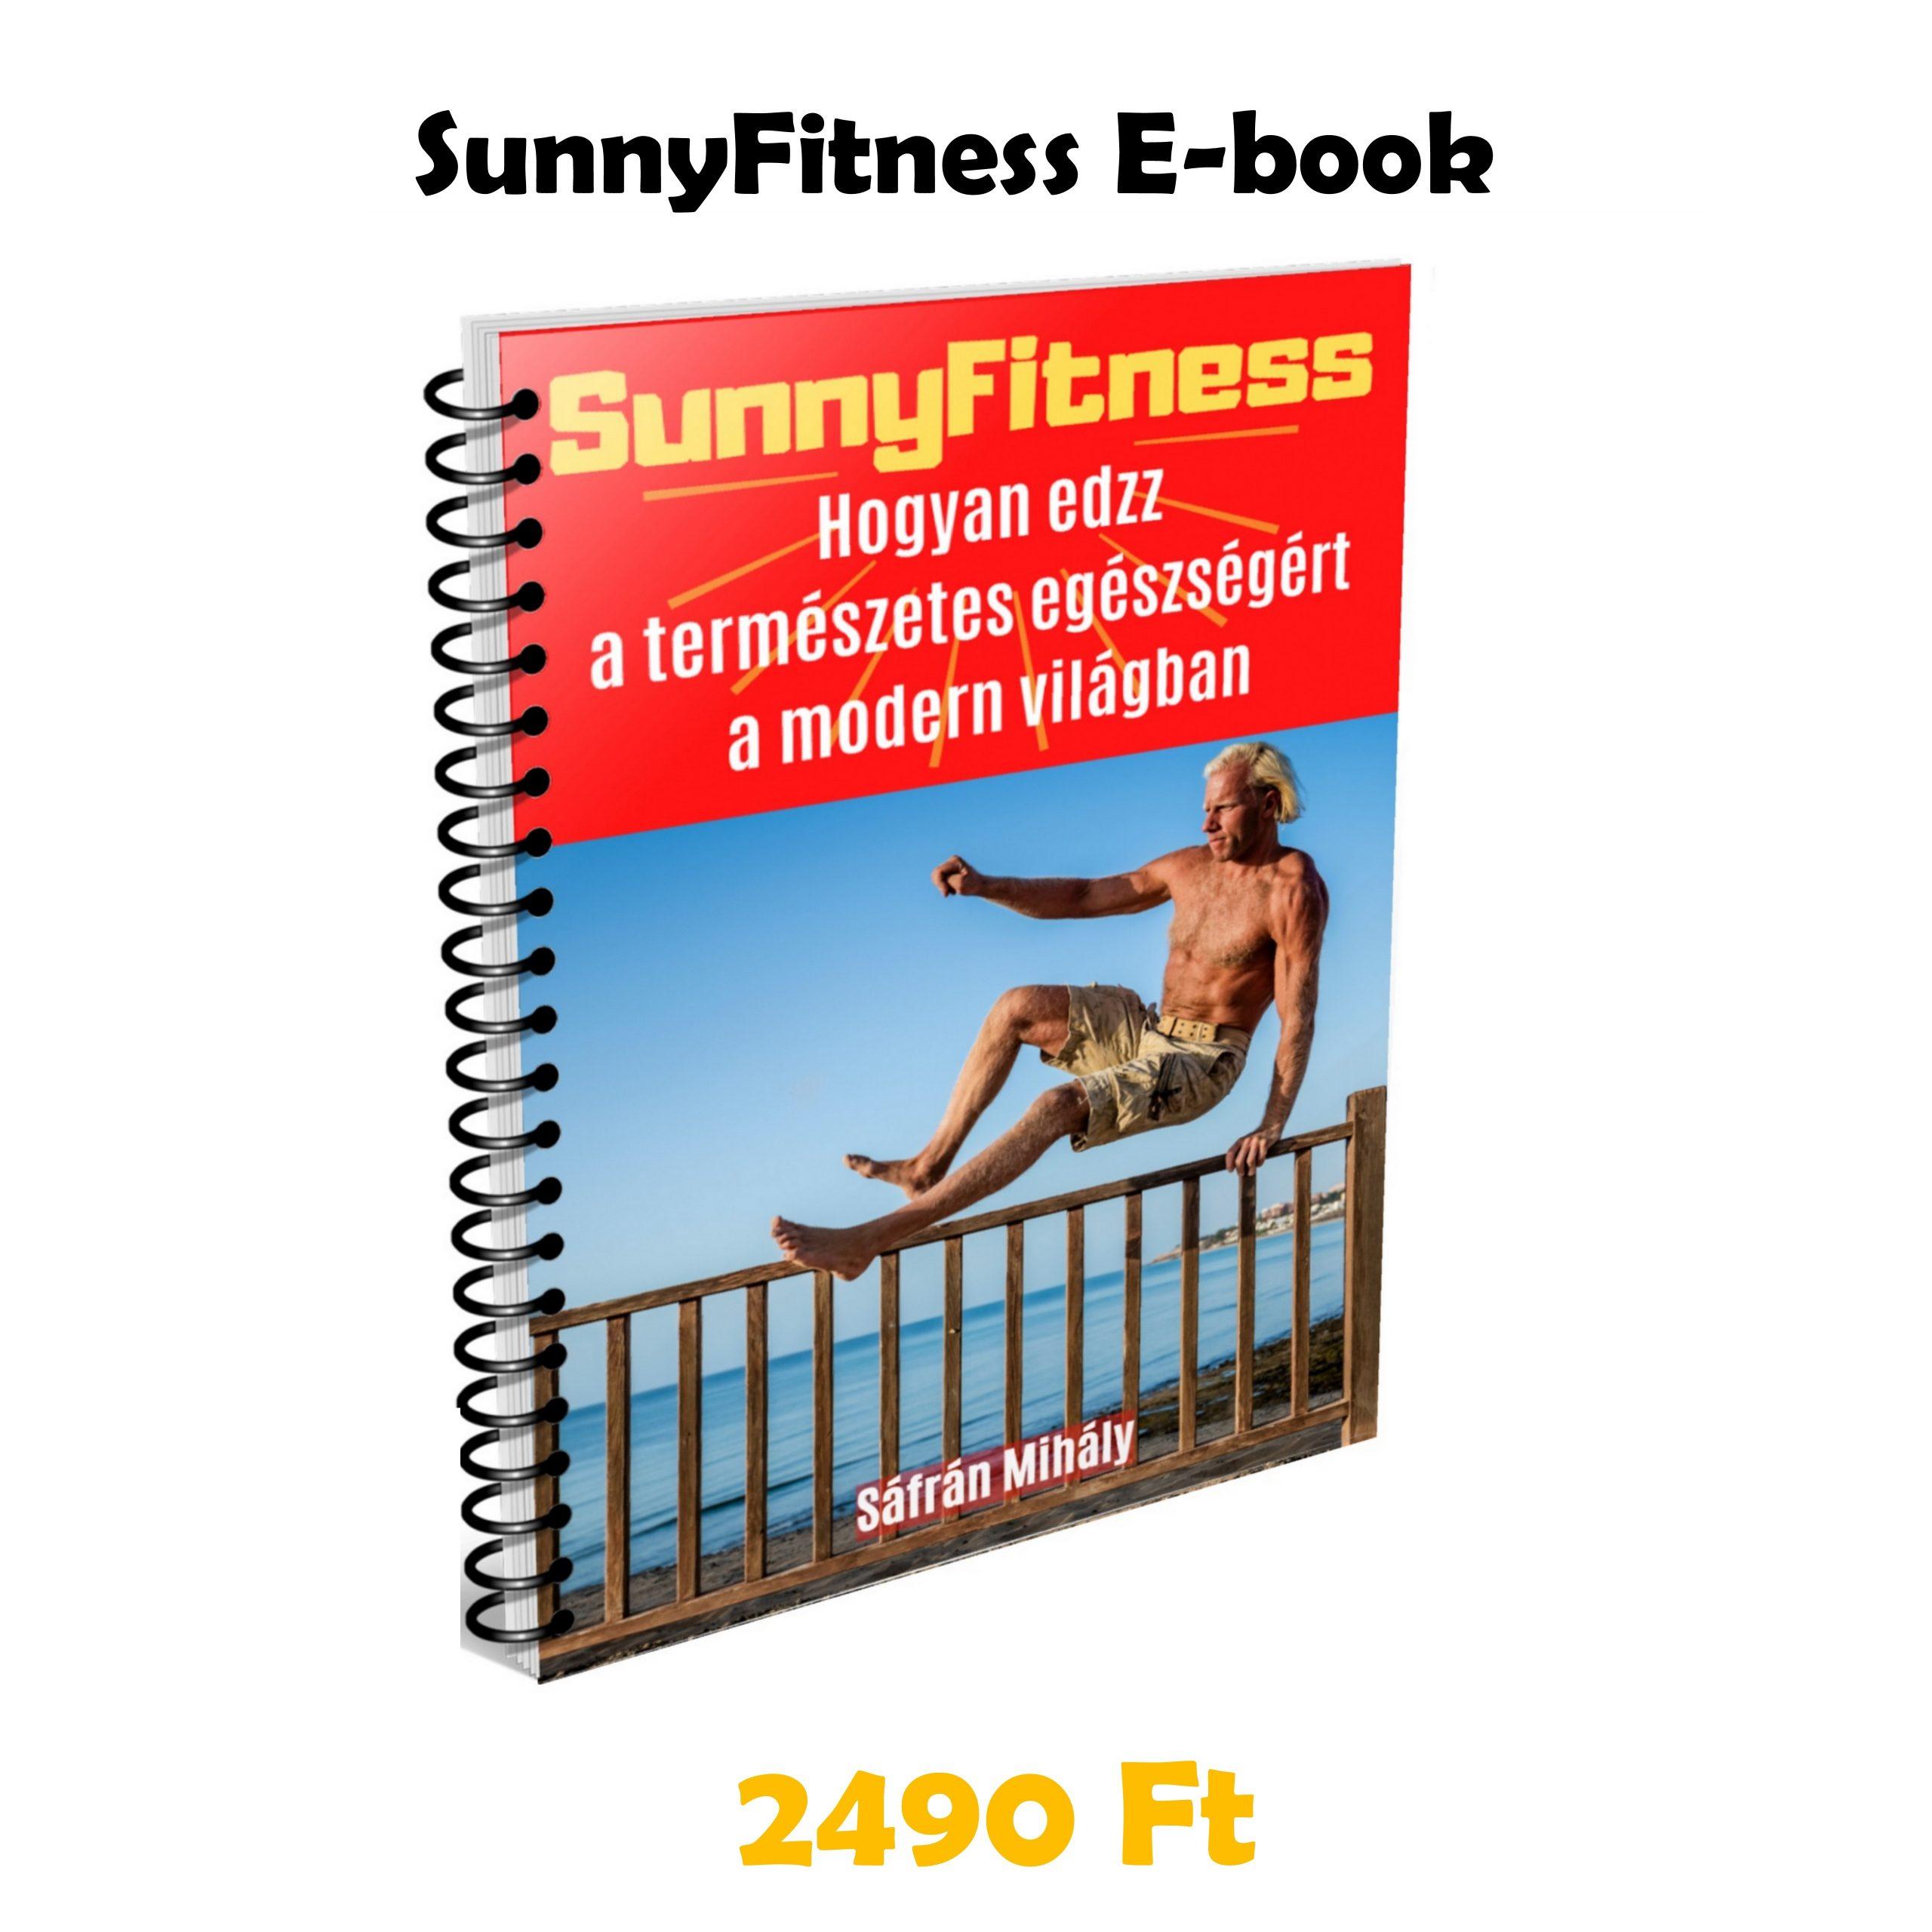 Elhízás, túlsúly, fogyás, fogyókúra, diéta - multivitaminbol